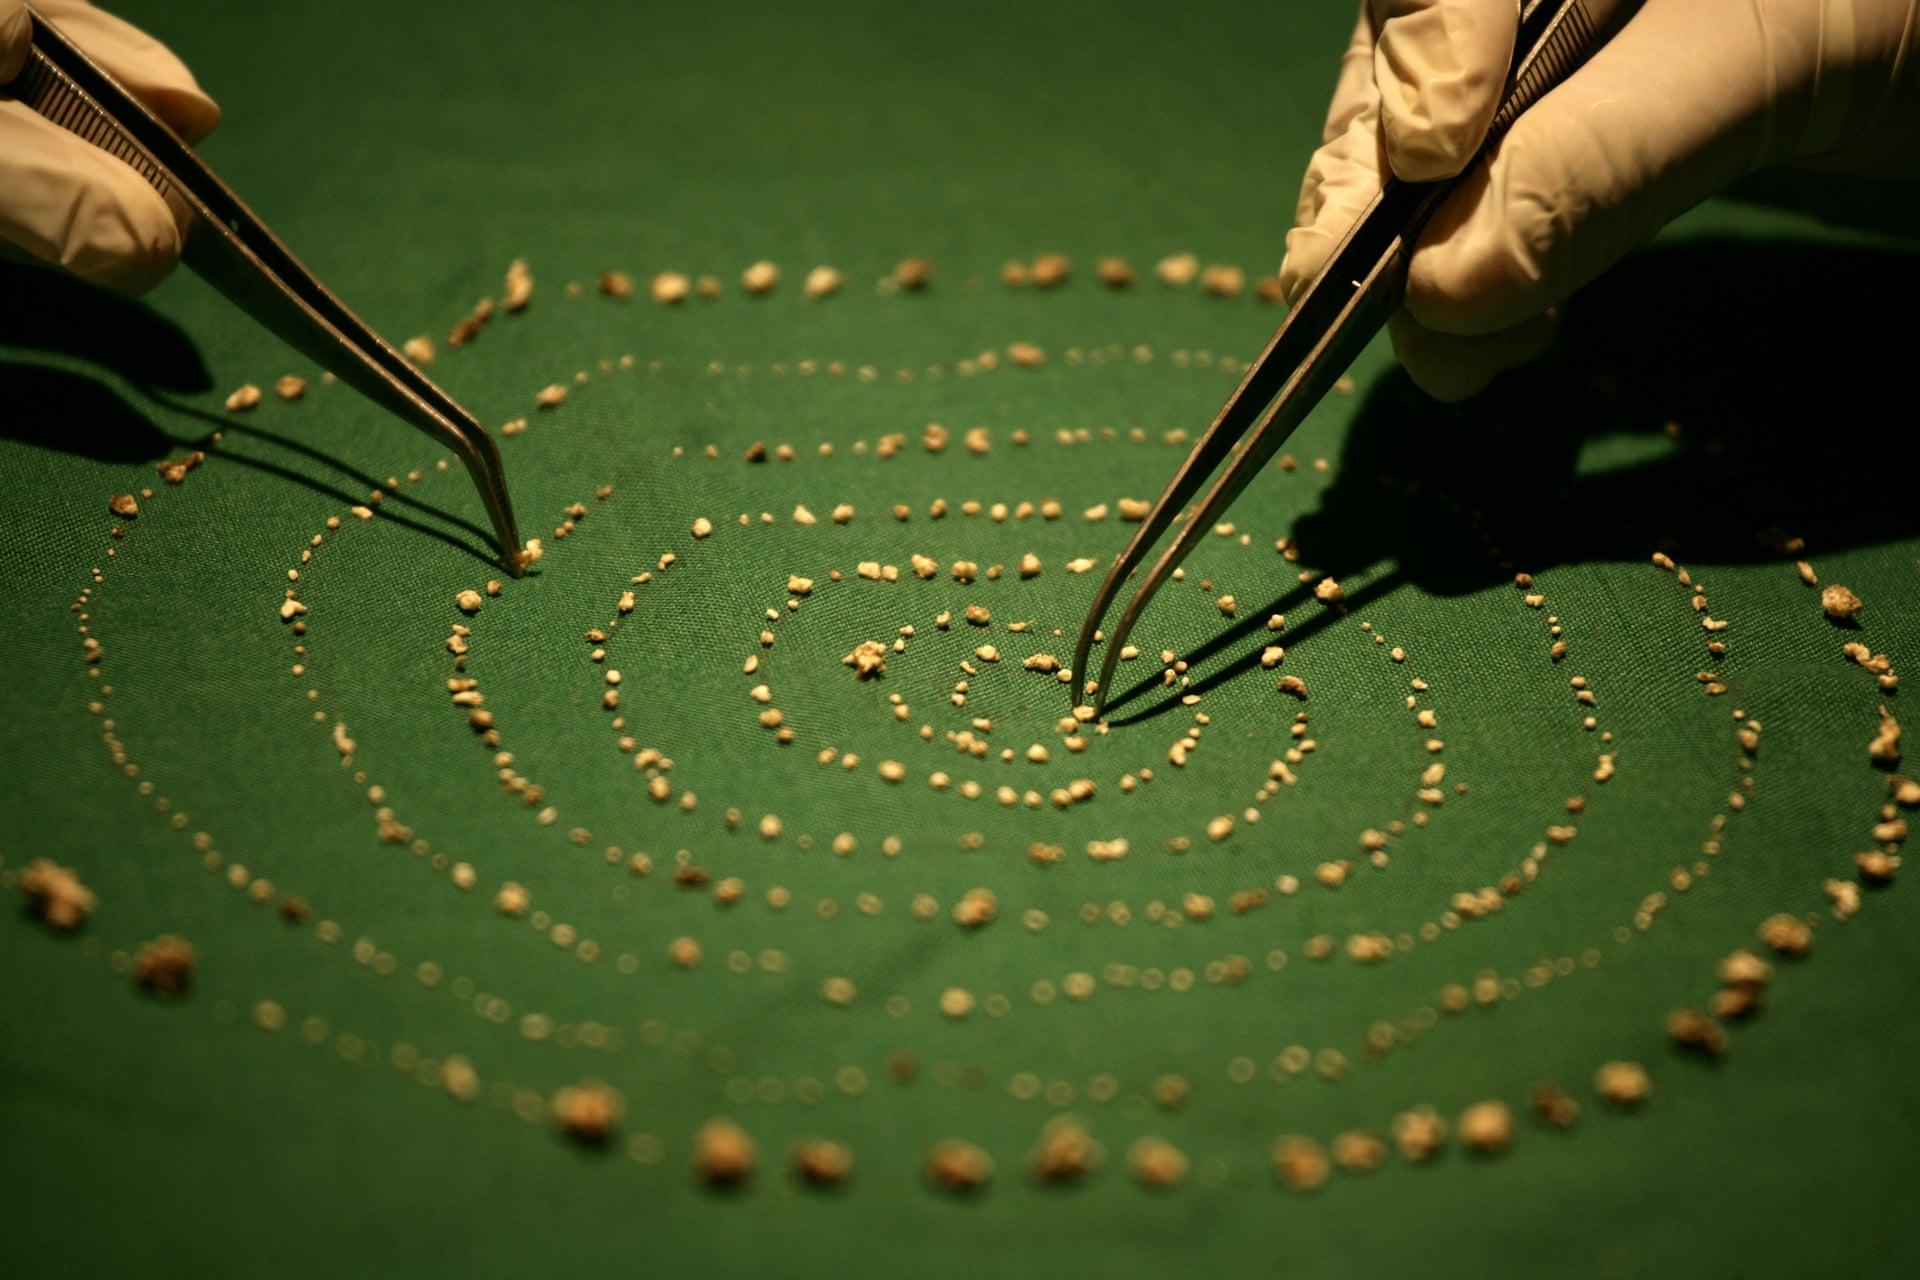 შვიდი წლის ინდოელი ბიჭი, რომელსაც პირის ღრუში 526 კბილი აღმოაჩნდა